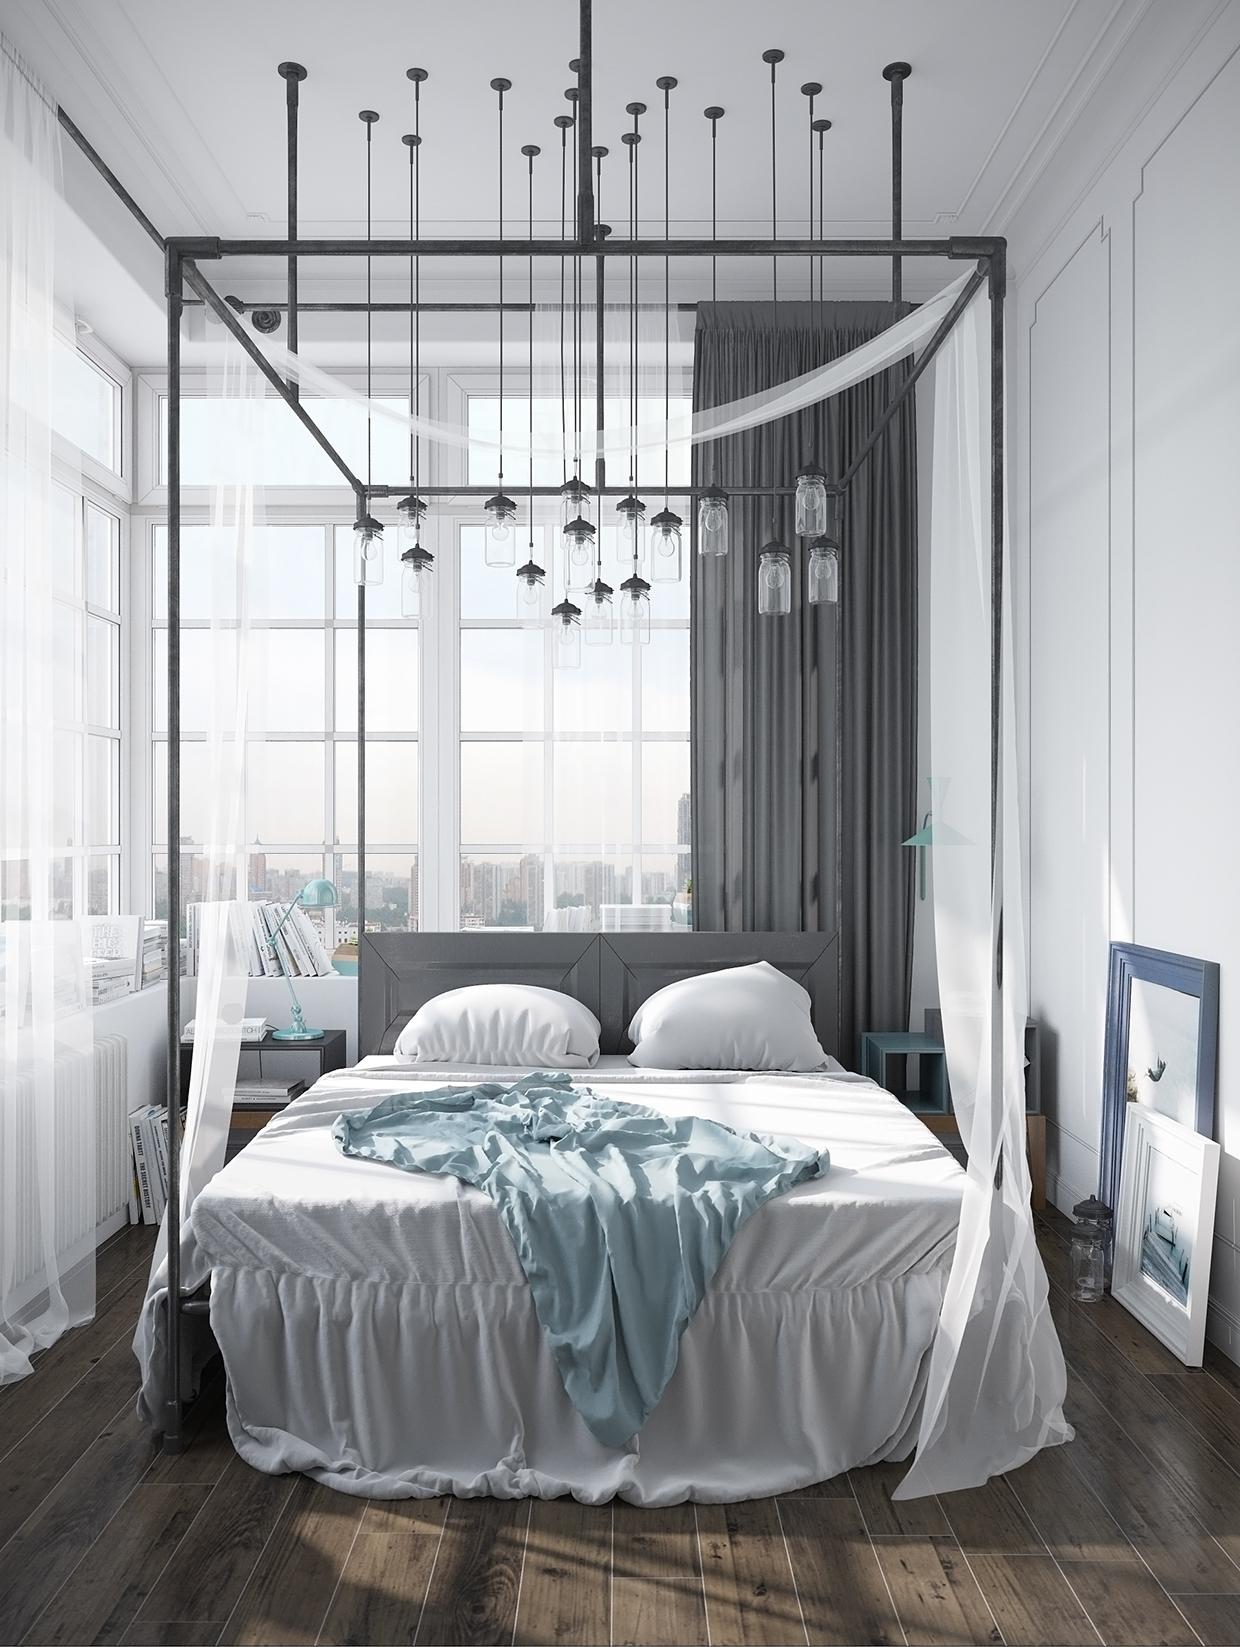 Hệ thống đèn Jar và khung giường tuy thanh nhưng chắc chắn với tone màu lông chuột